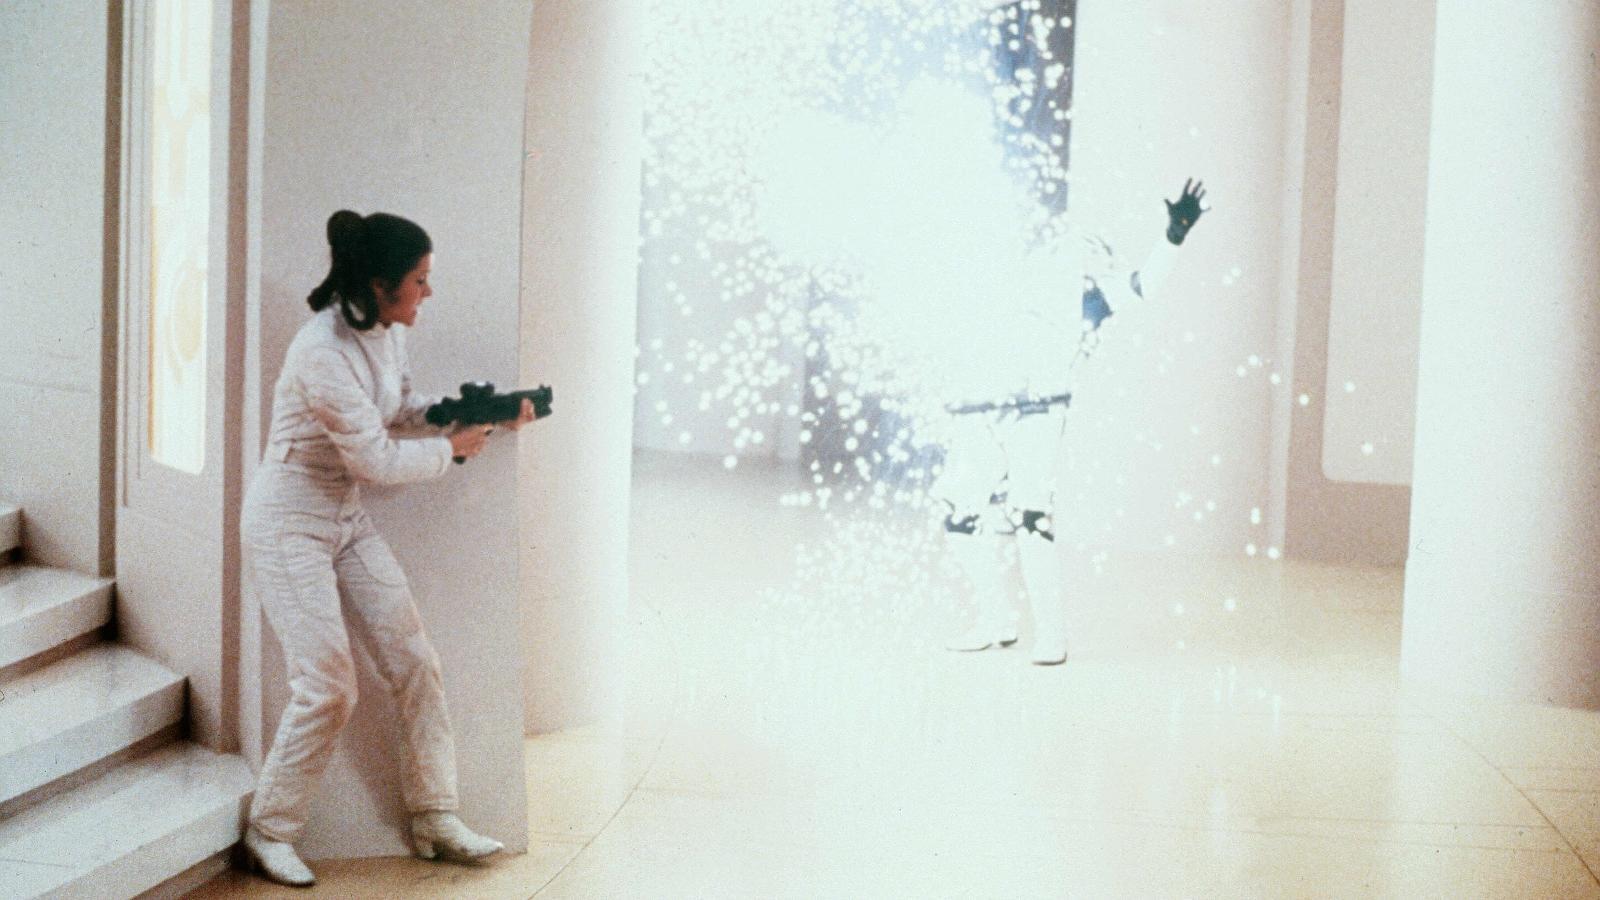 Ahogy minden hercegnő, Leia is egy picit pimasz, ám ellentétben sokakkal, aki egy igazi harcos. Előbb a Lázadást vezeti a Birodalom ellen, majd az Első renddel szembeni ellenállás tábornoka lesz. (Lucasfilm/Fox/Kobal/Shutterstock)